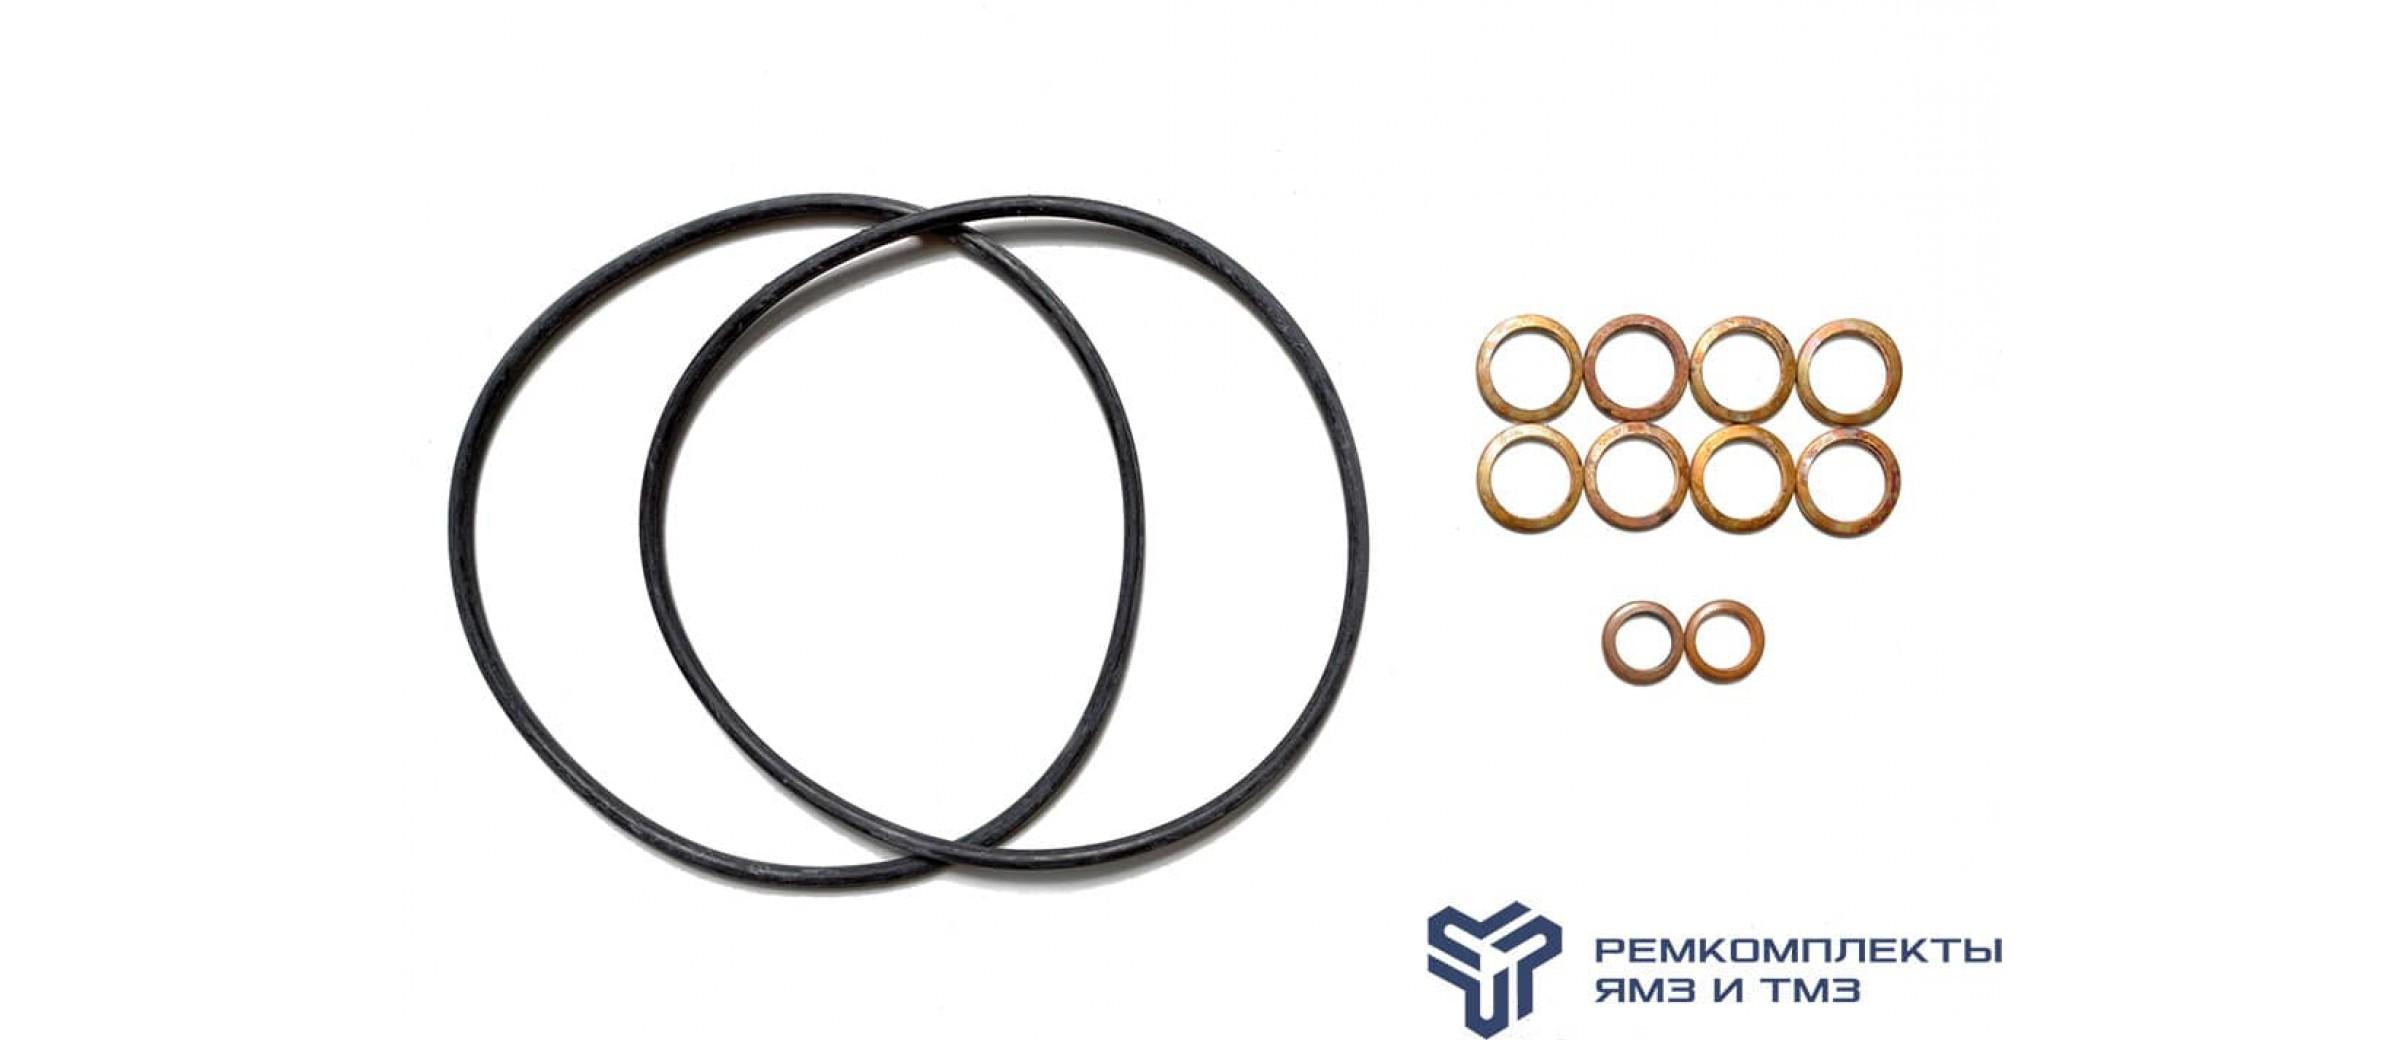 Ремкомплект фильтра грубой очистки топлива двигателя ЯМЗ-236НЕ,7511,8421,8401 (РТИ, медь)